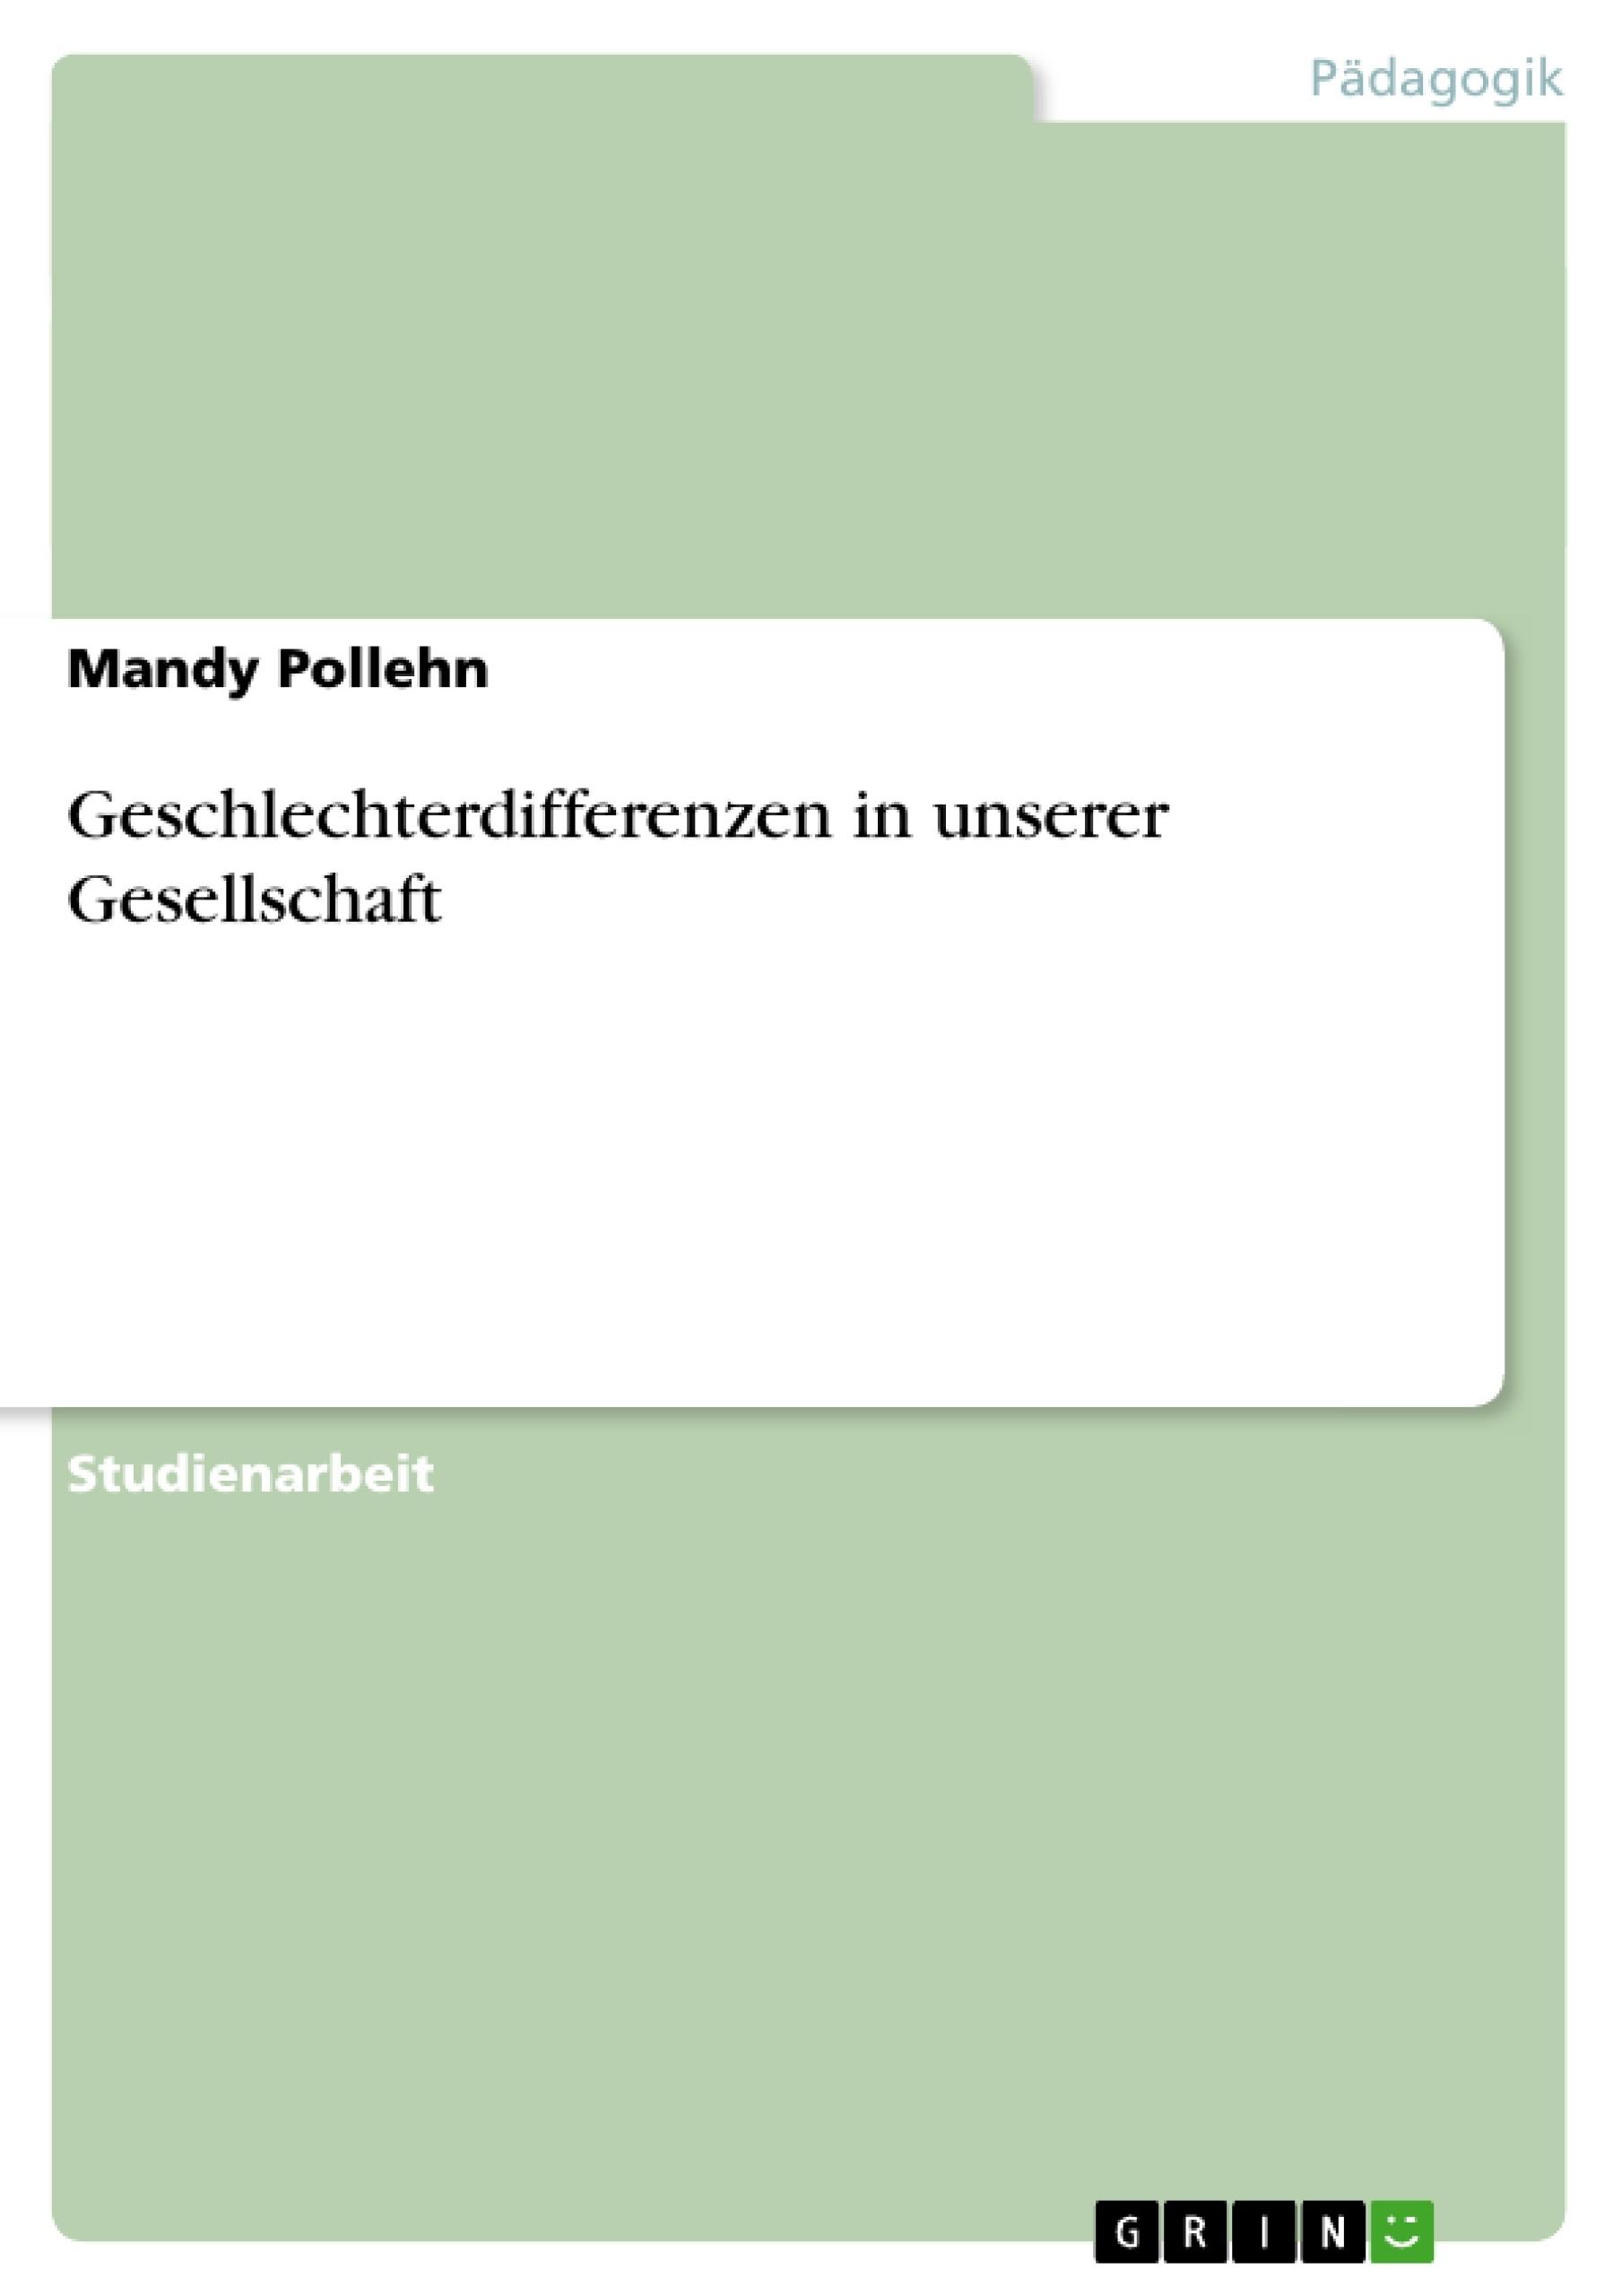 Titel: Geschlechterdifferenzen in unserer Gesellschaft